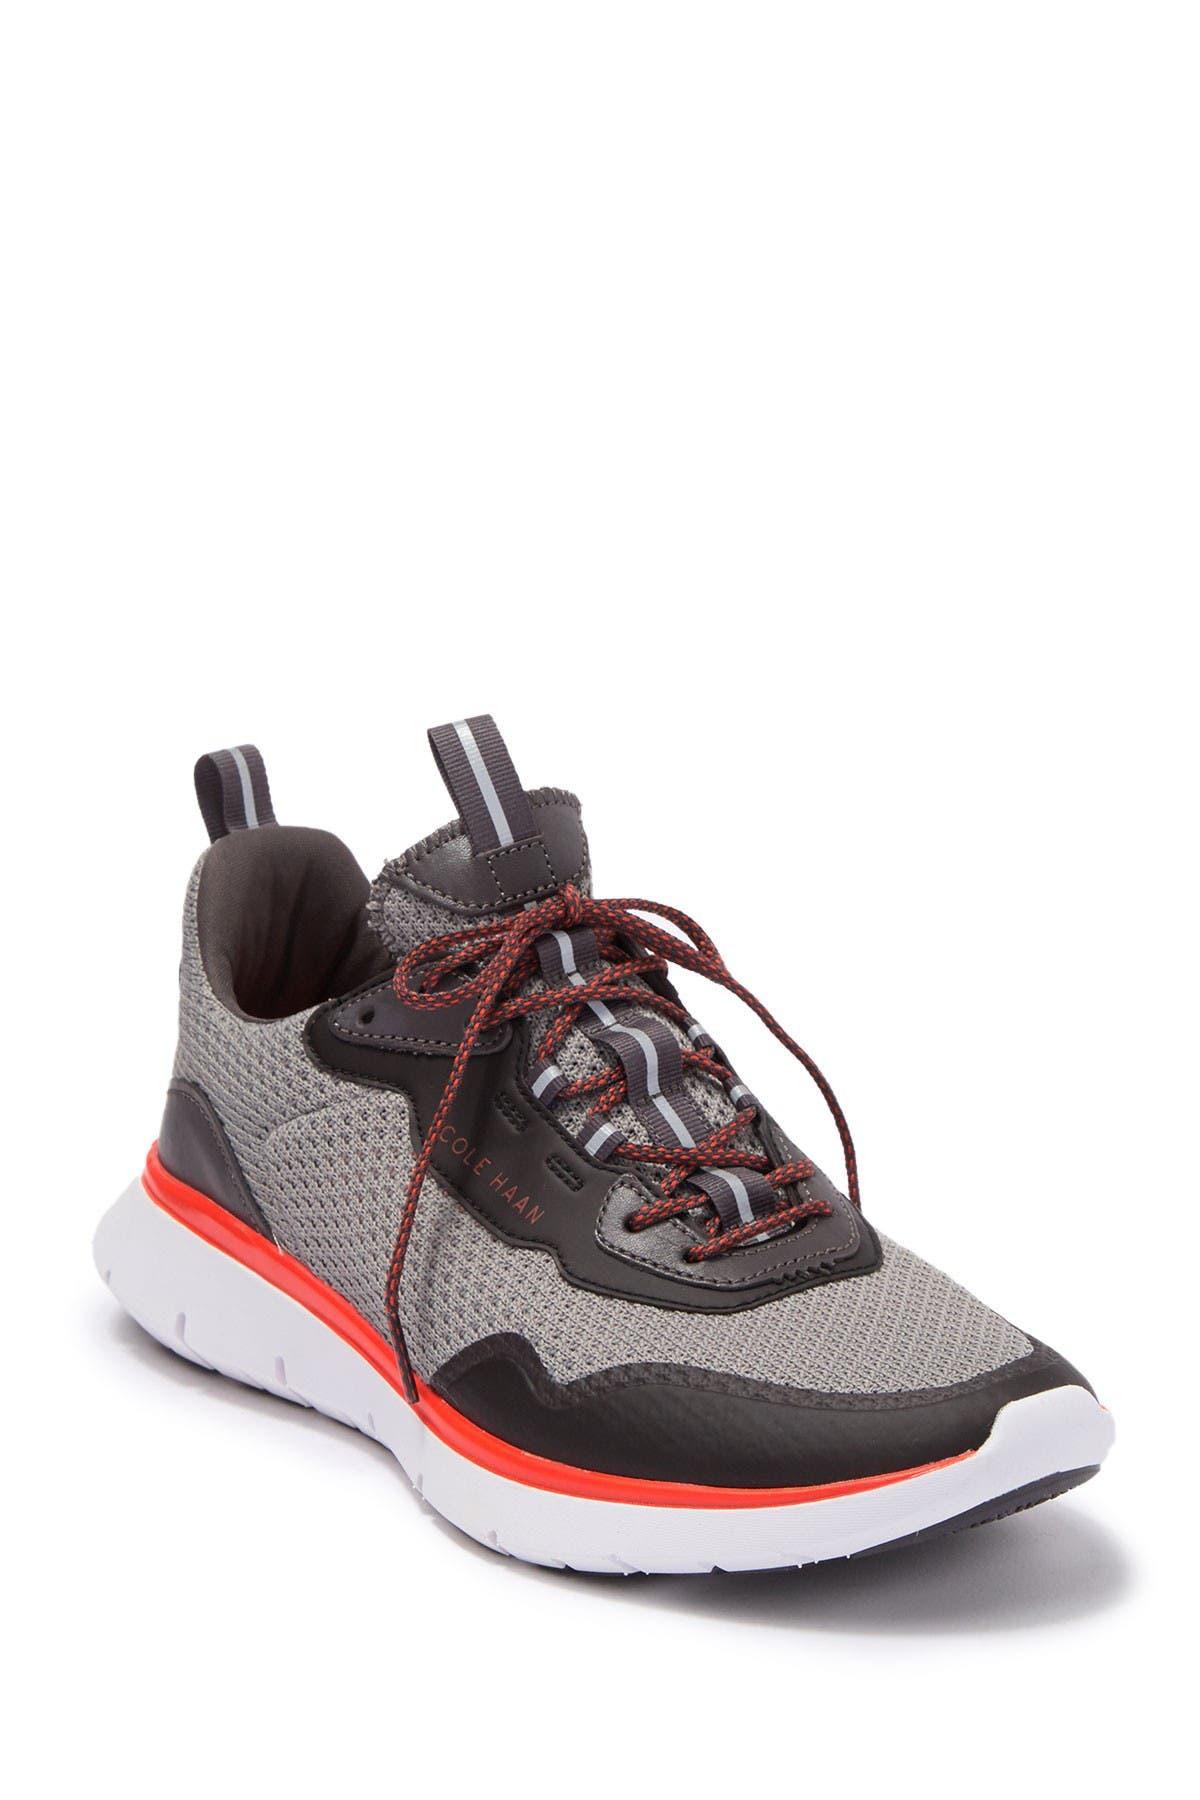 Cole Haan | Zerogrand Trainer Sneaker